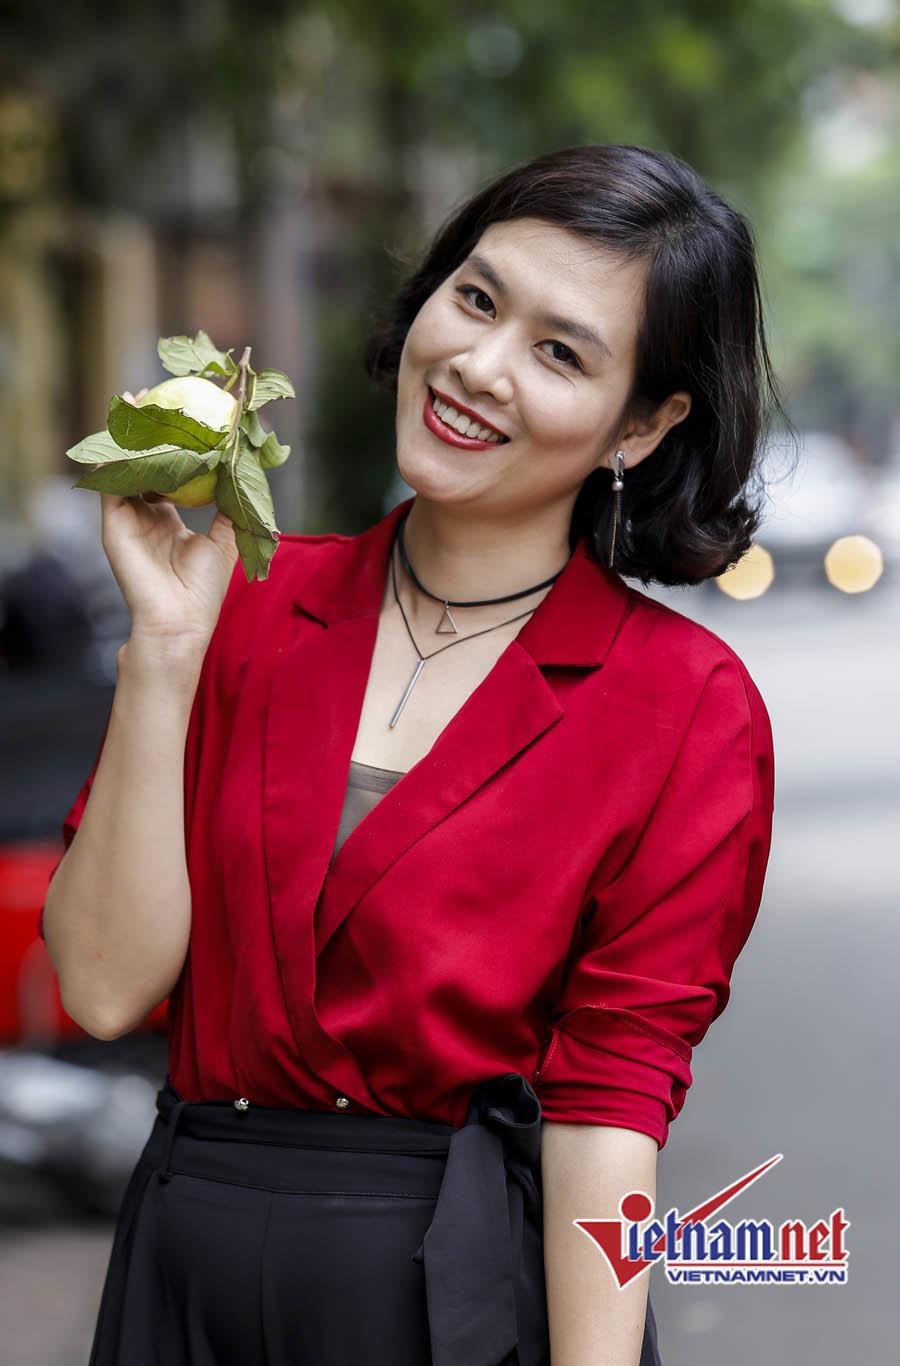 Điều sợ hãi nhất của sao Việt khi Tết đến